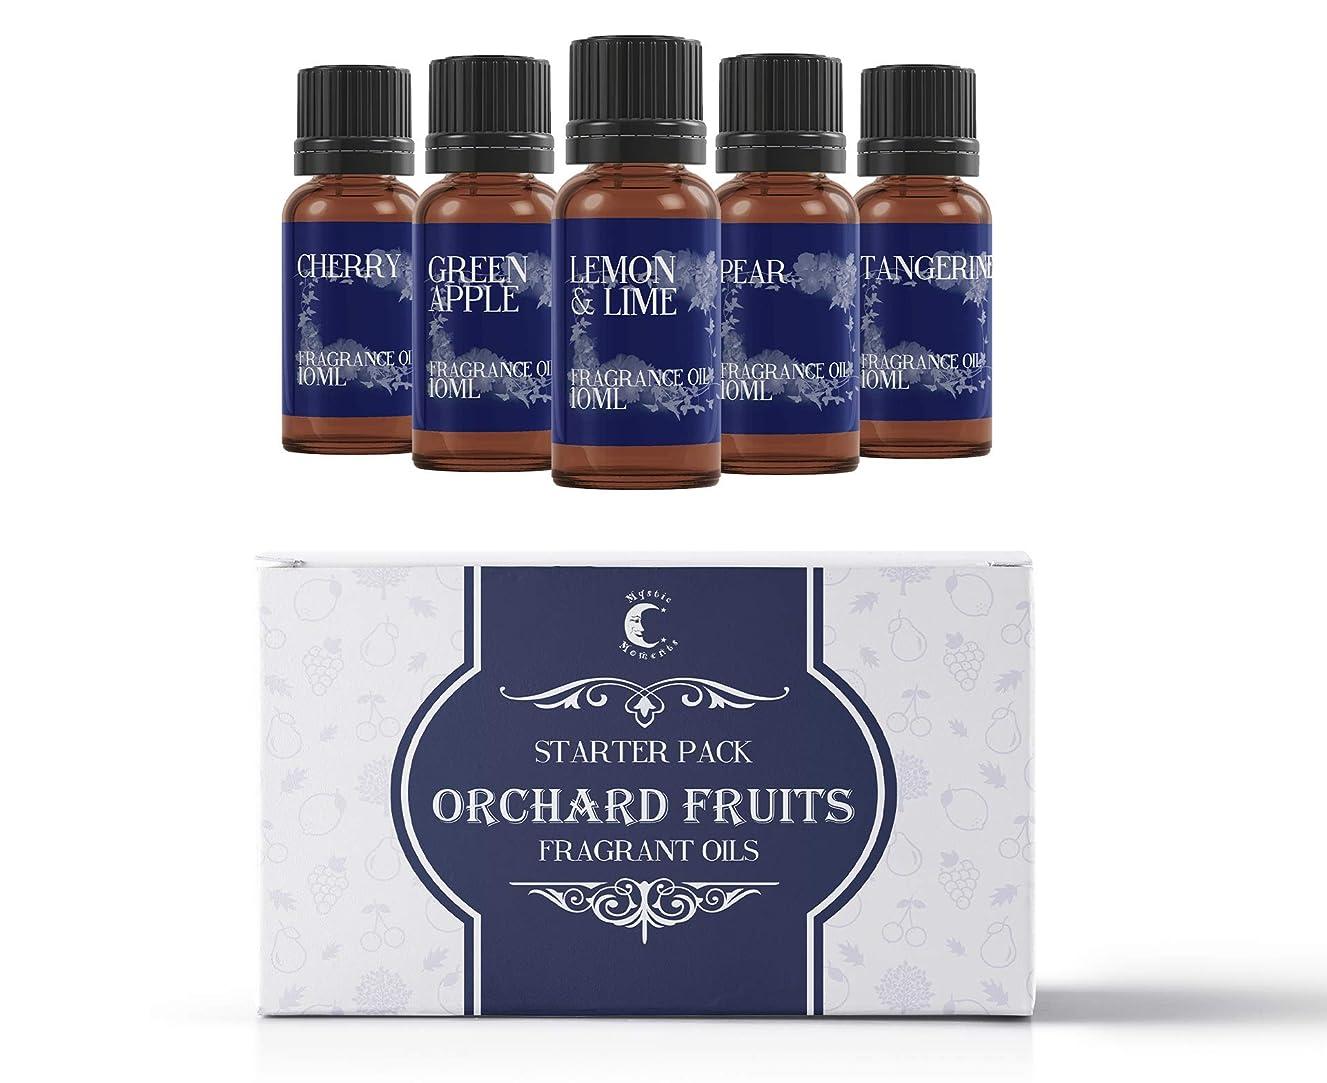 公園原始的なキャプションMystic Moments | Fragrant Oil Starter Pack - Orchard Fruits - 5 x 10ml